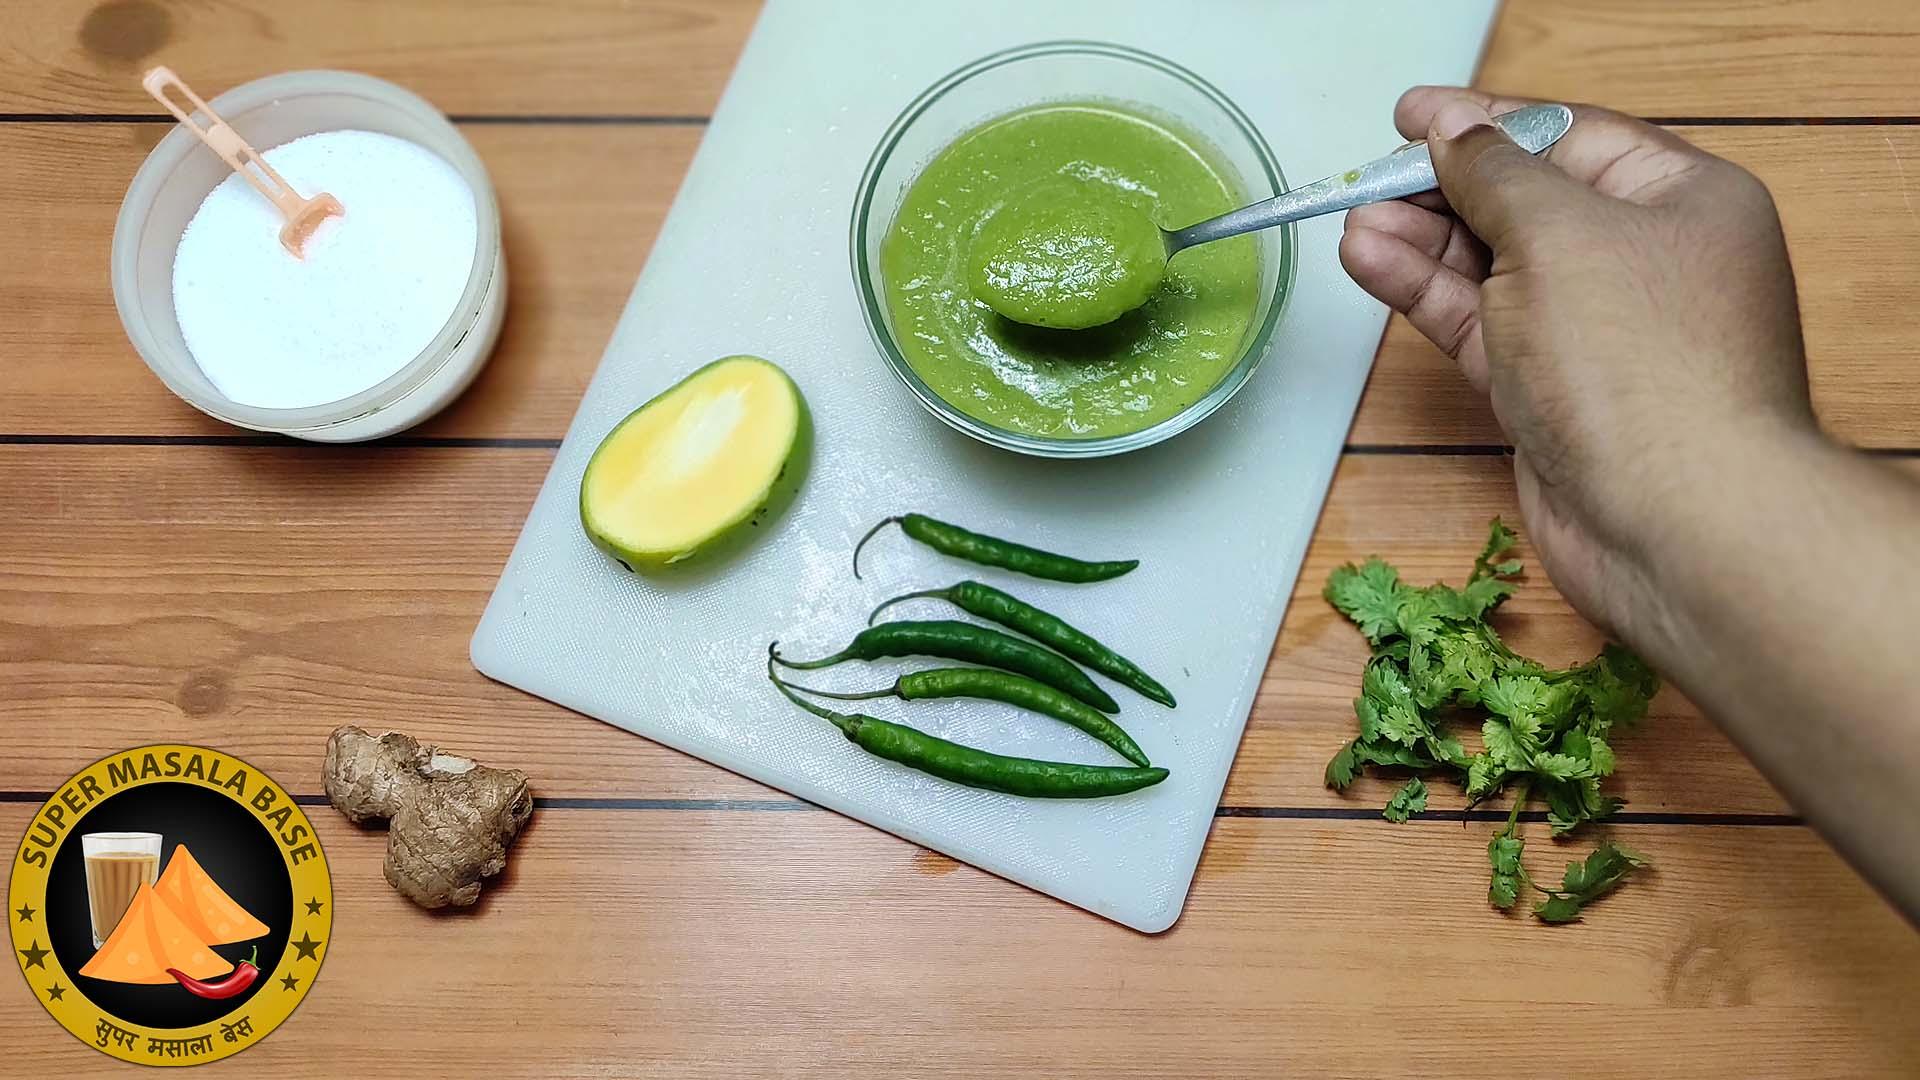 kachhe aam ki teekhi chatni raw green mango chilli chutney